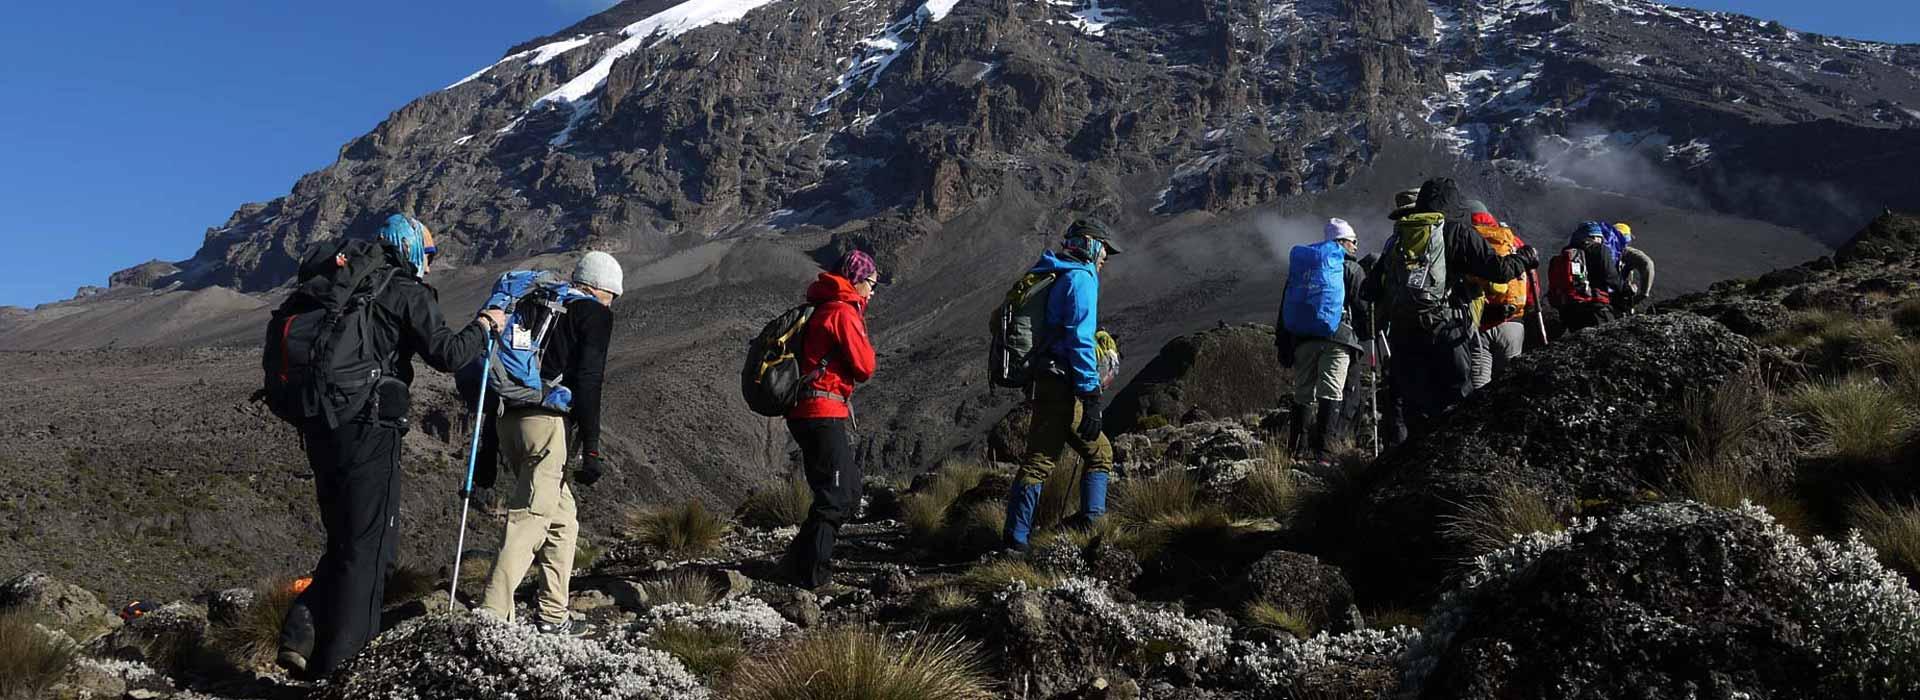 The Routes to Mount Kilimanjaro Summit